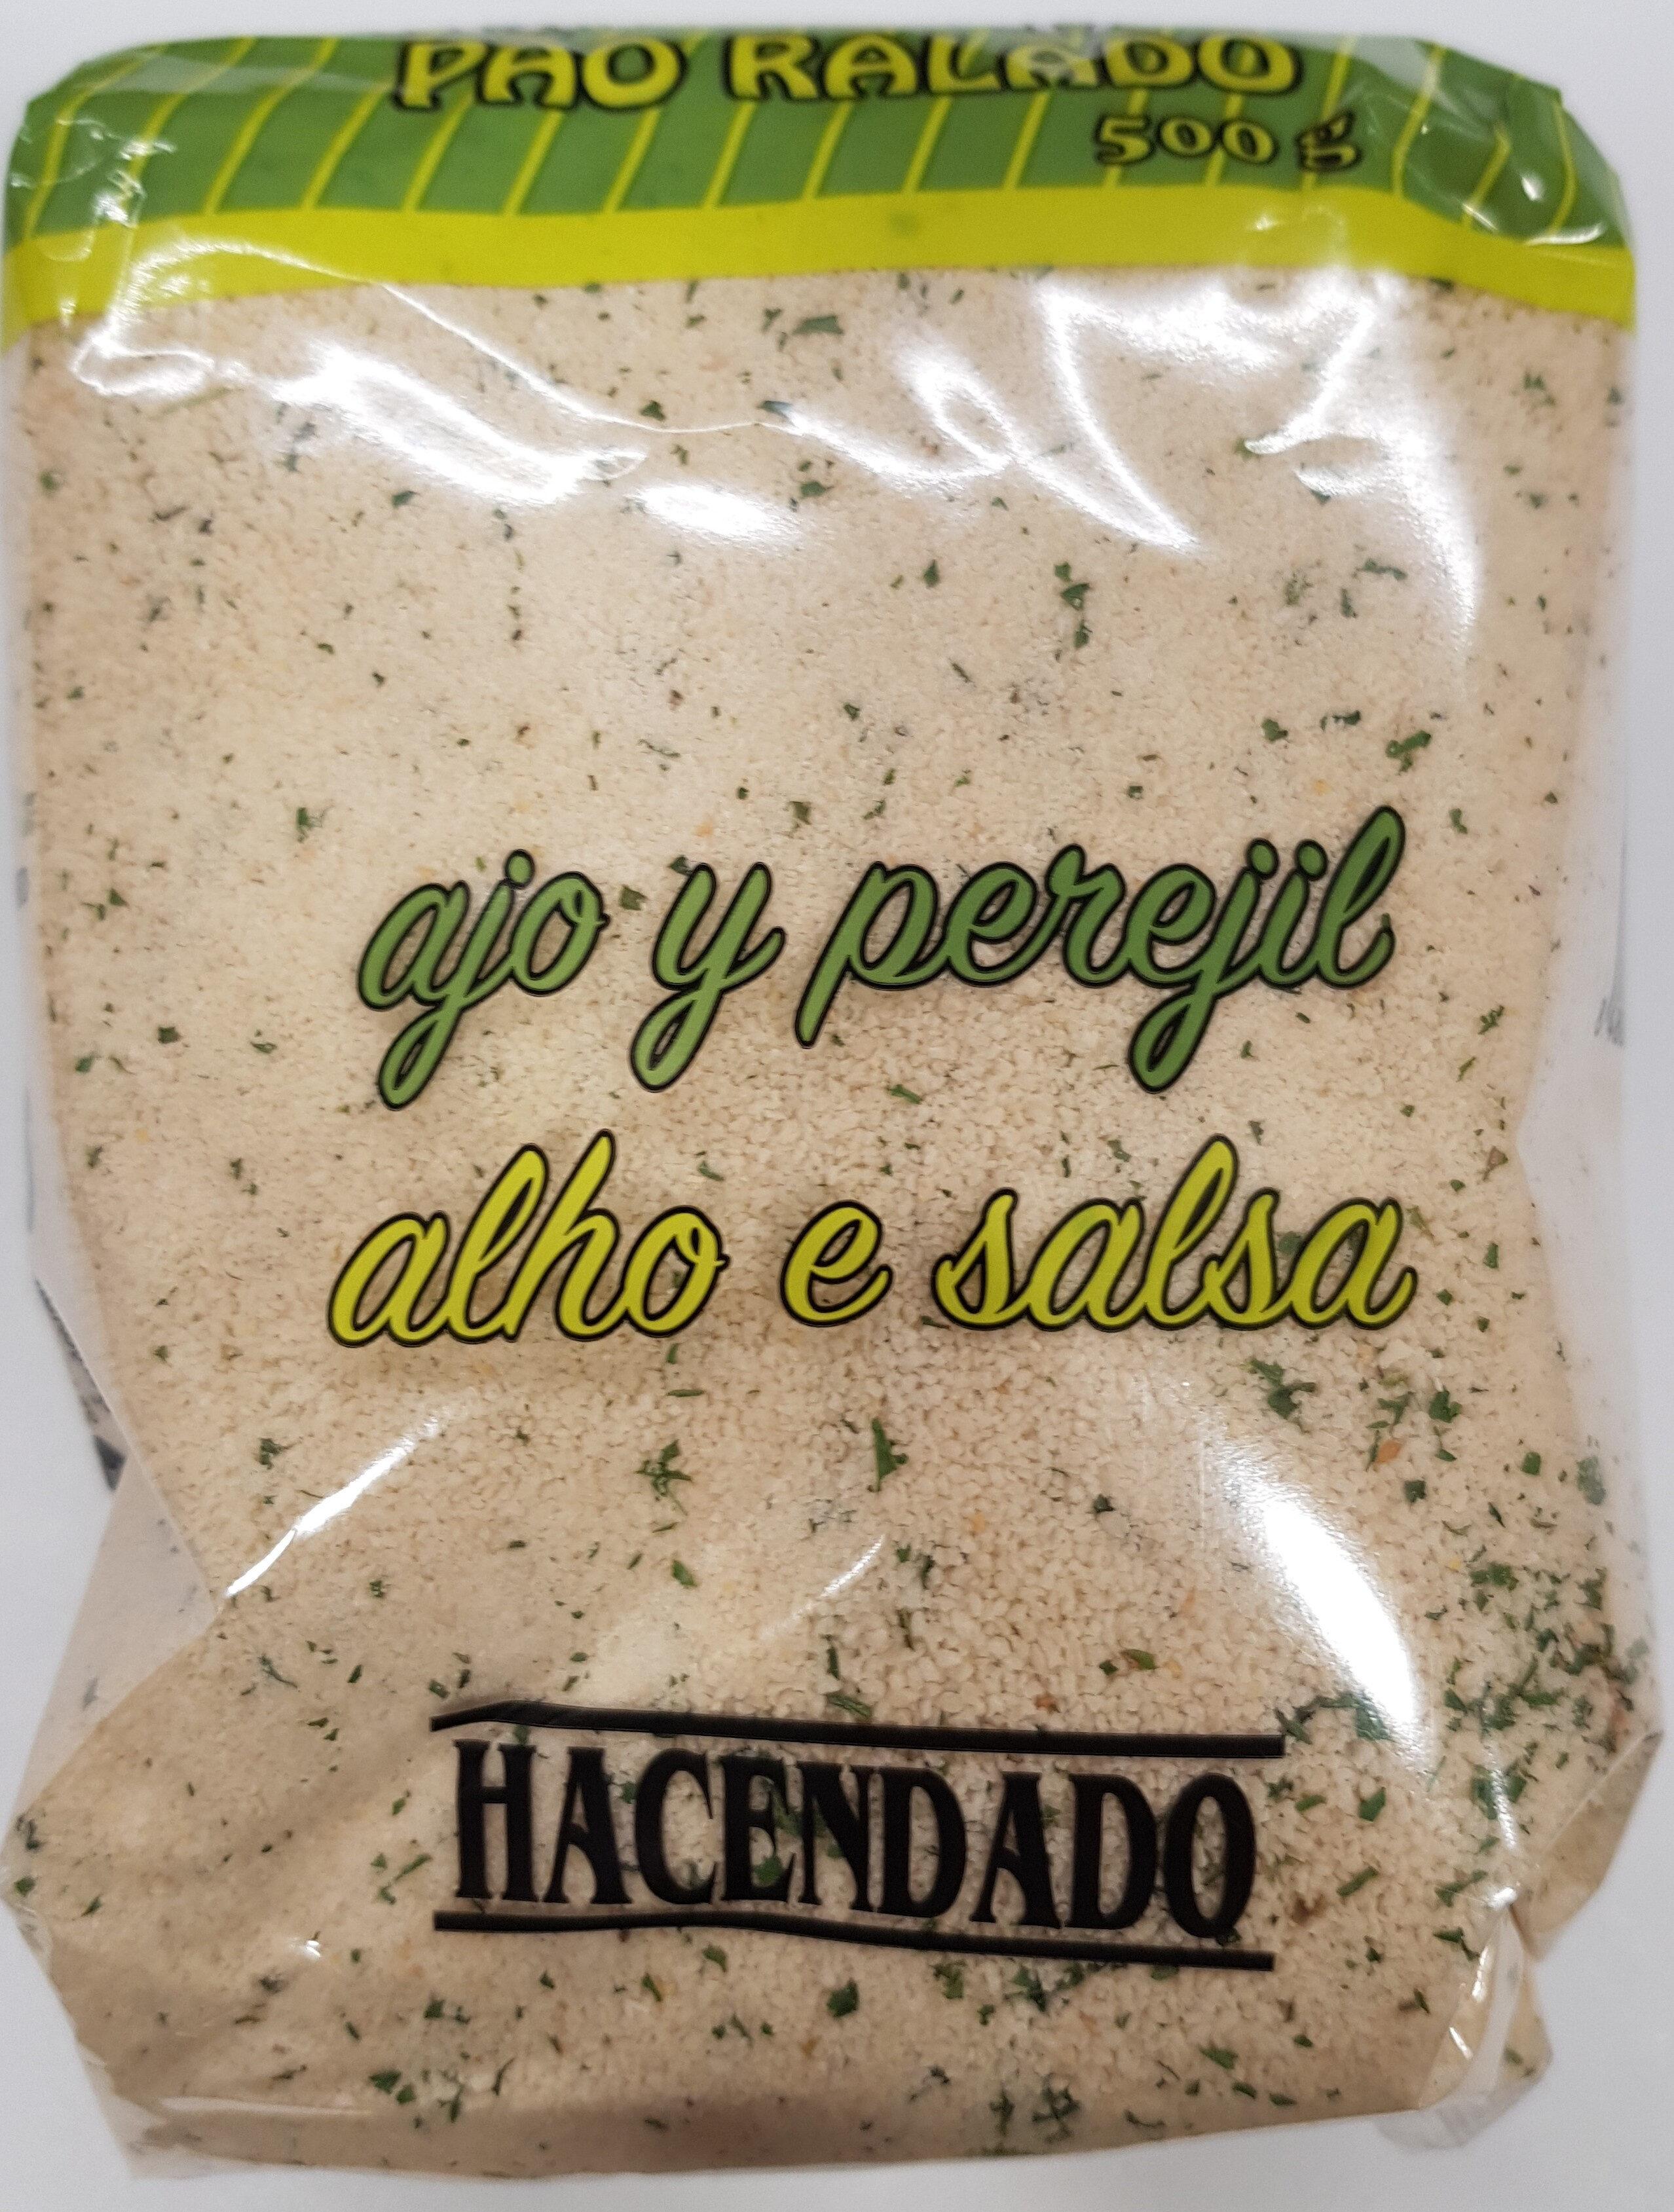 Pan rallado con ajo y perejil - Producto - es